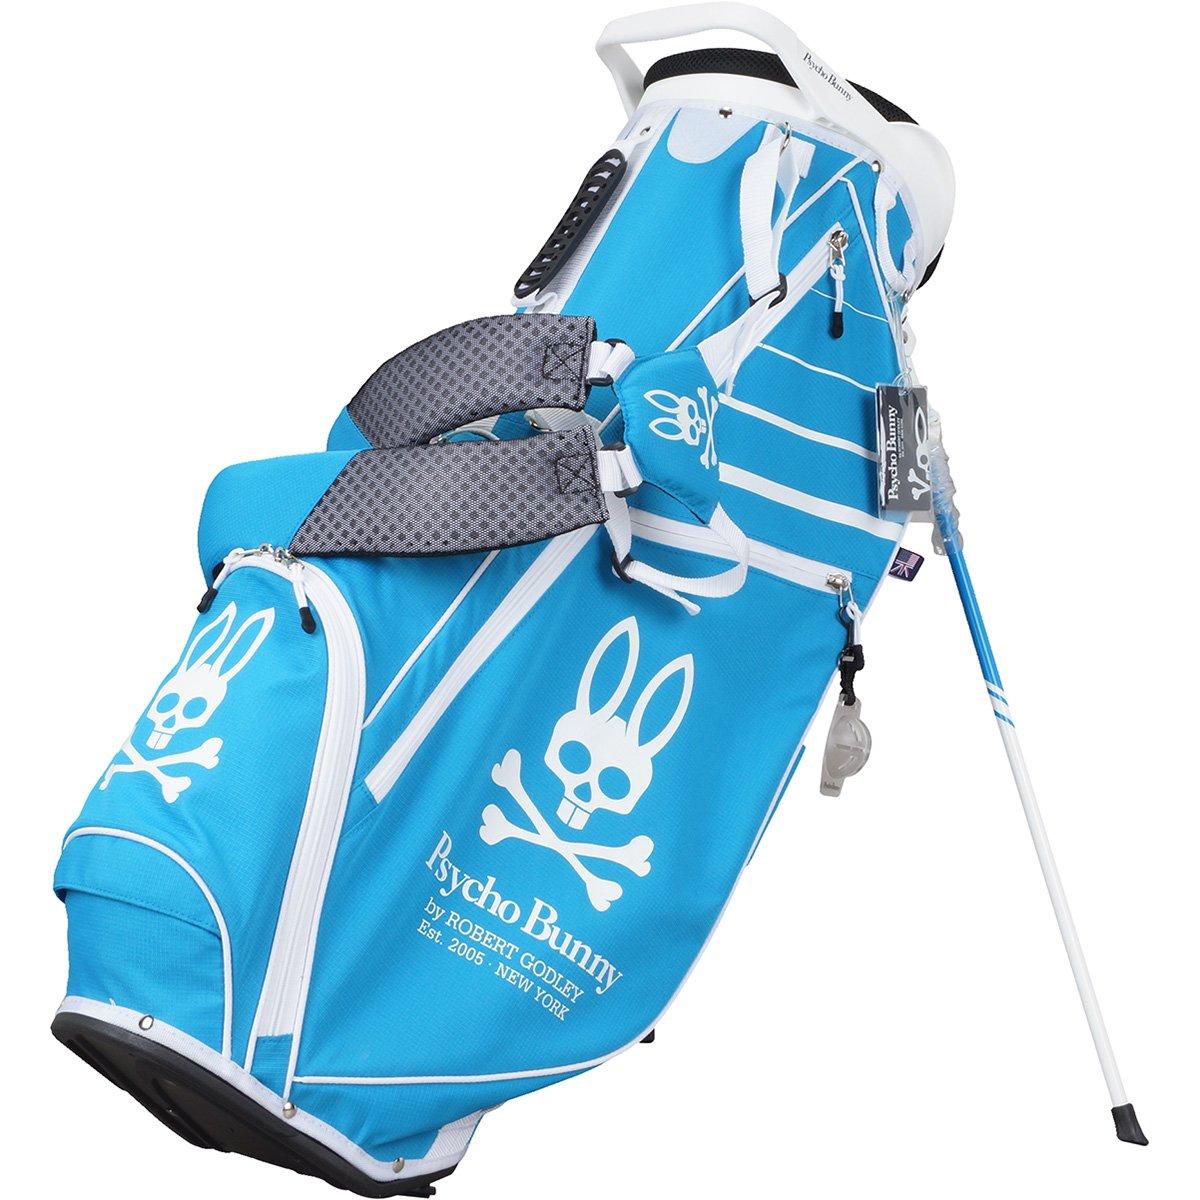 サイコバニー PSYCHO BUNNY キャディバッグ ゴルフ スタンドキャディバッグ B079DMHW6C ブルー 34 ブルー 34